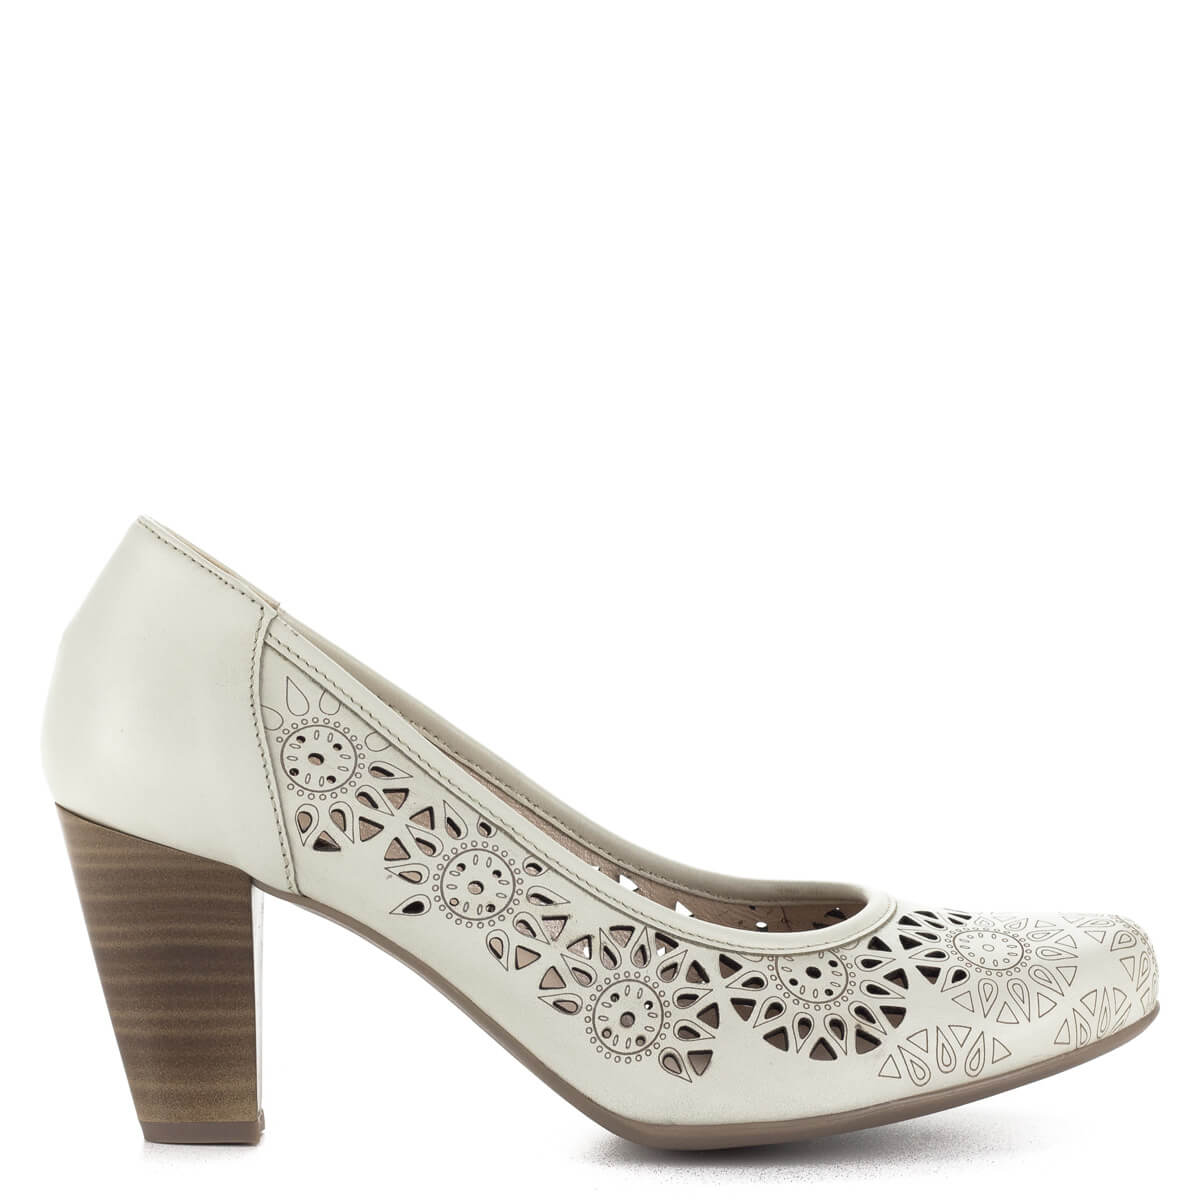 4ba79b8565 ... Magas sarkú törtfehér Alpina cipő lézervágott bőr felsőrésszel, bőr  béléssel. Sarka kb 7 cm